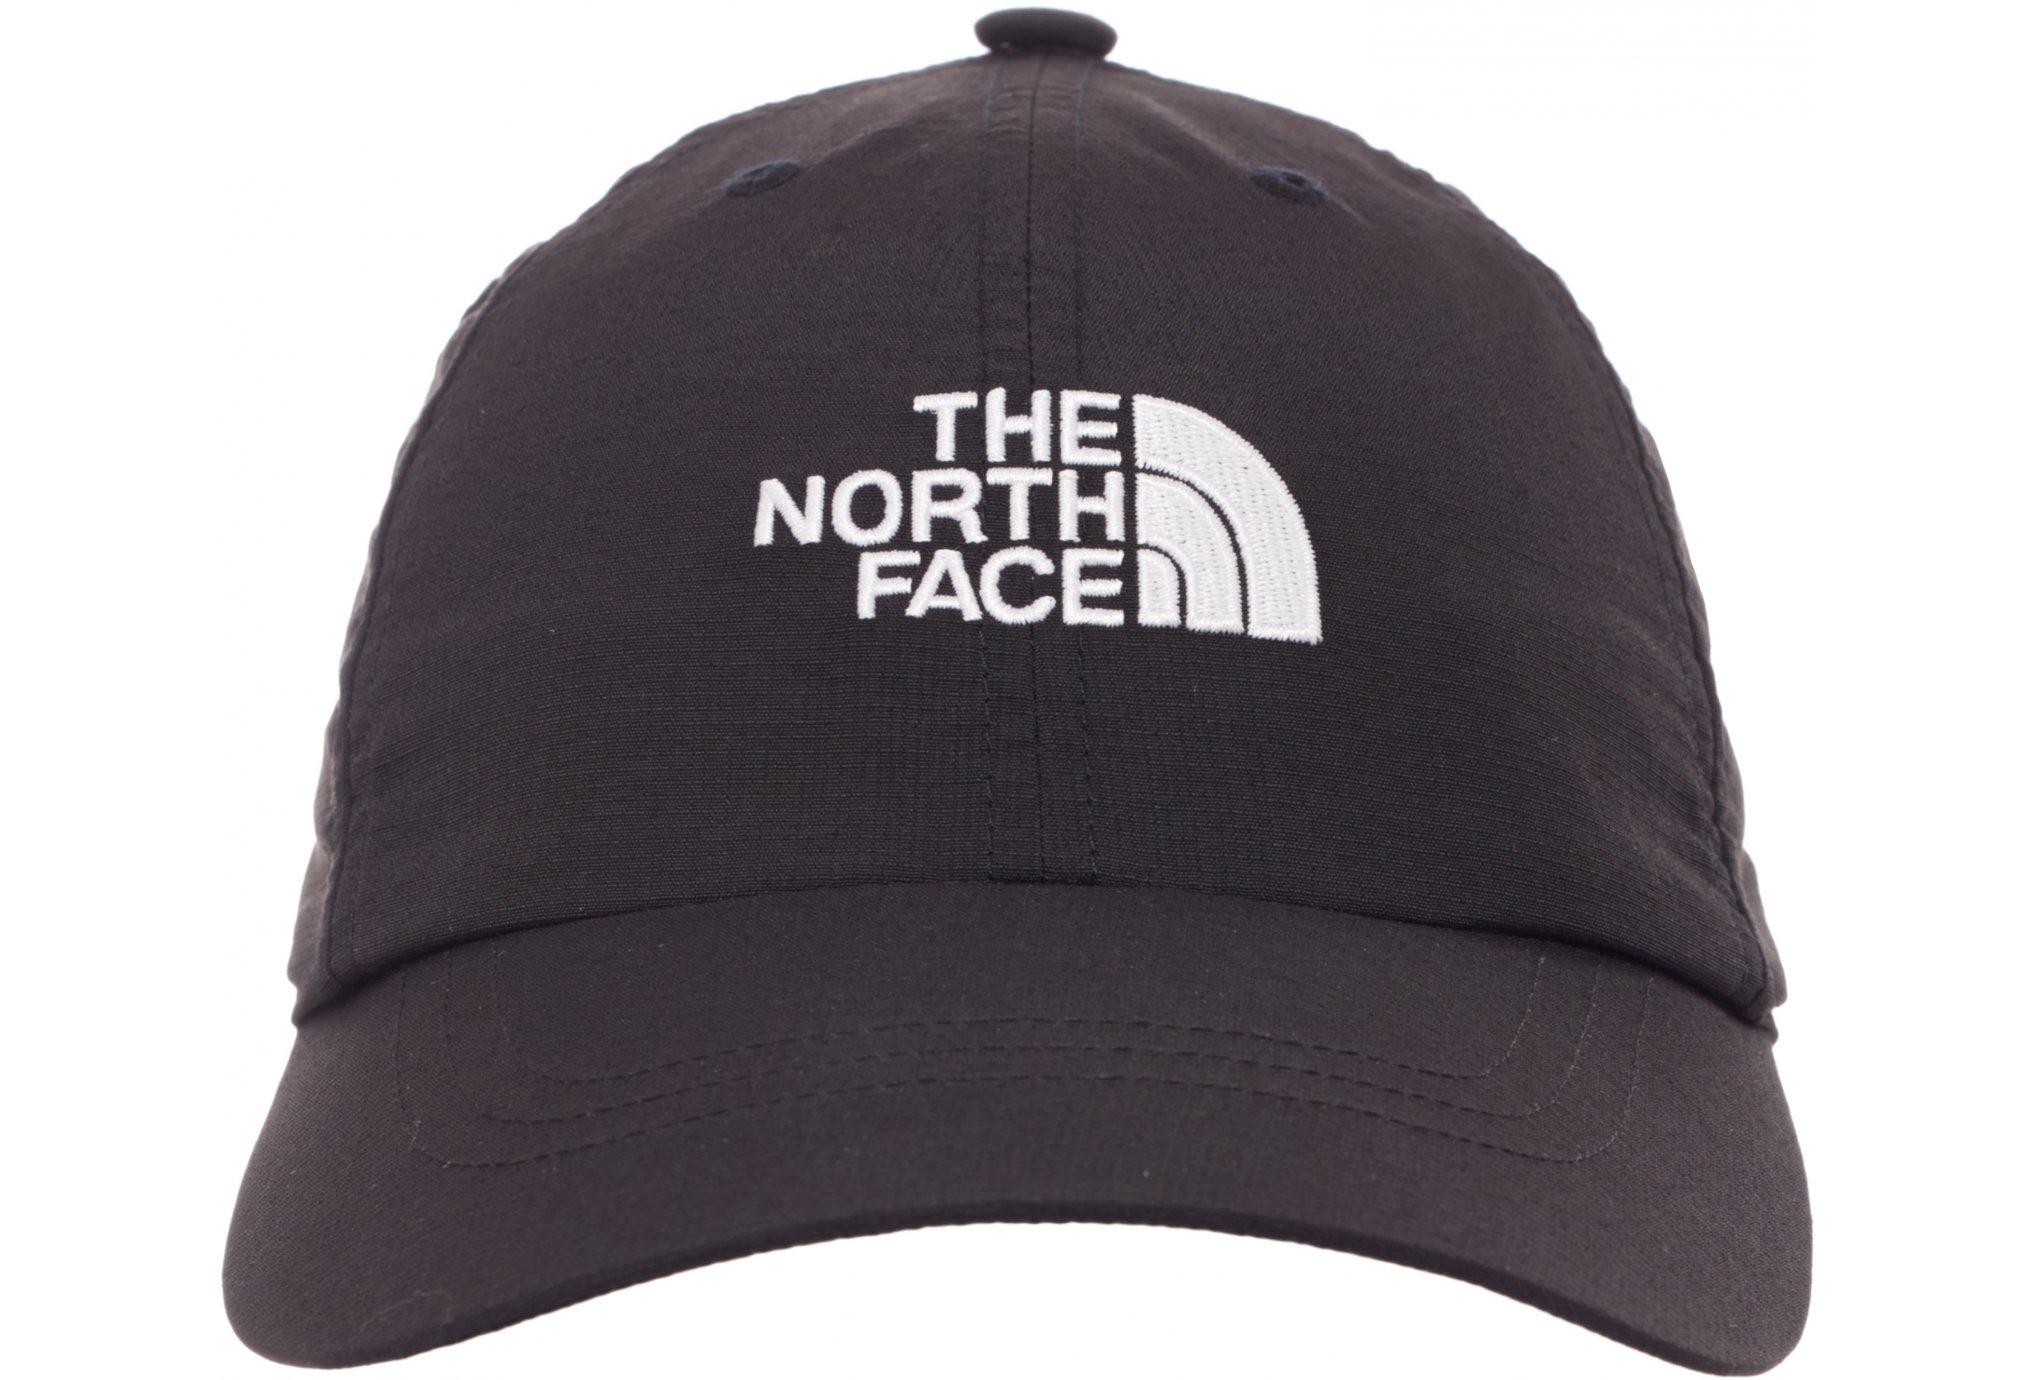 The North Face Horizon Casquettes / bandeaux